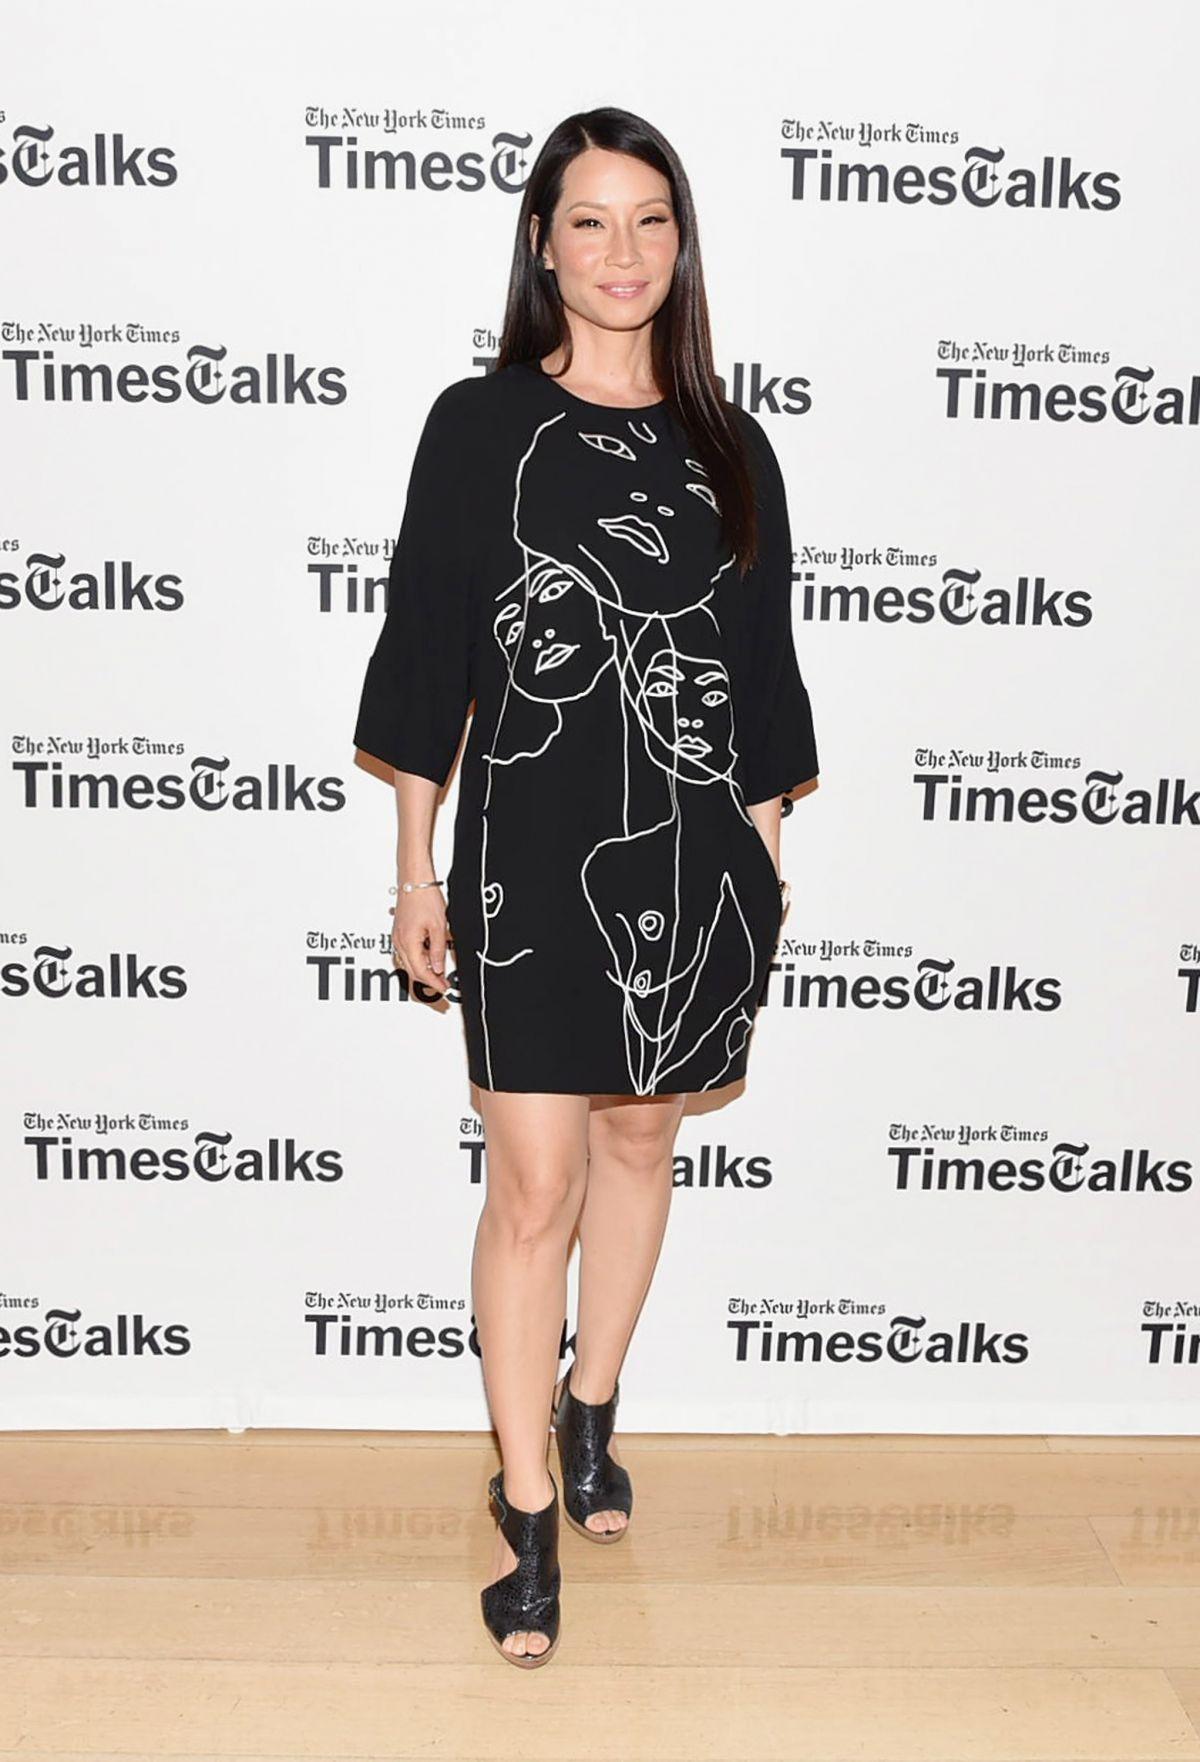 LUCY LIU at Timestalks 2014